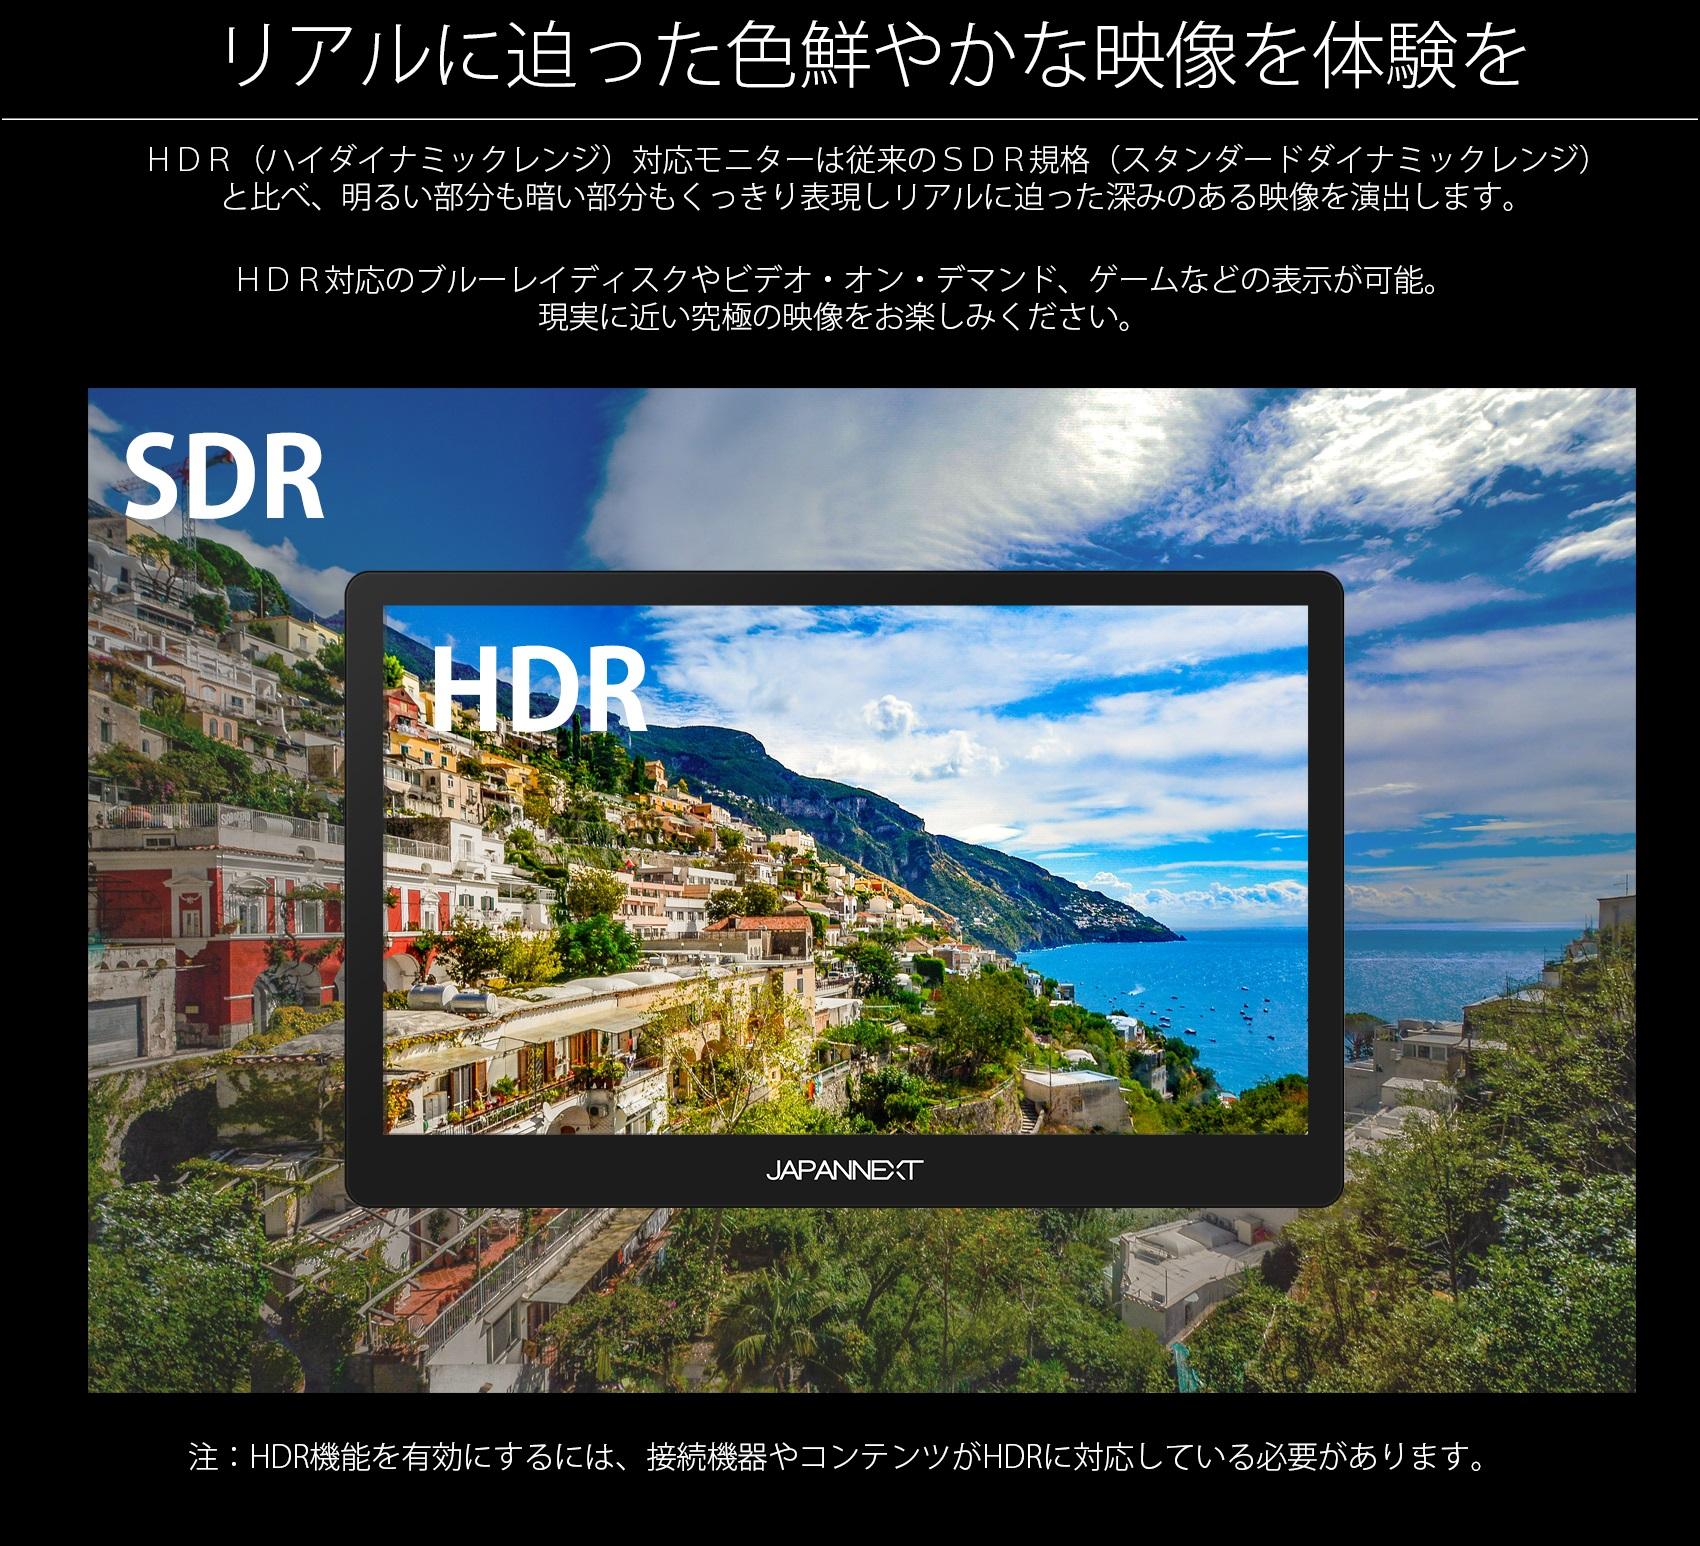 HDR対応でSDRより画質がよい。